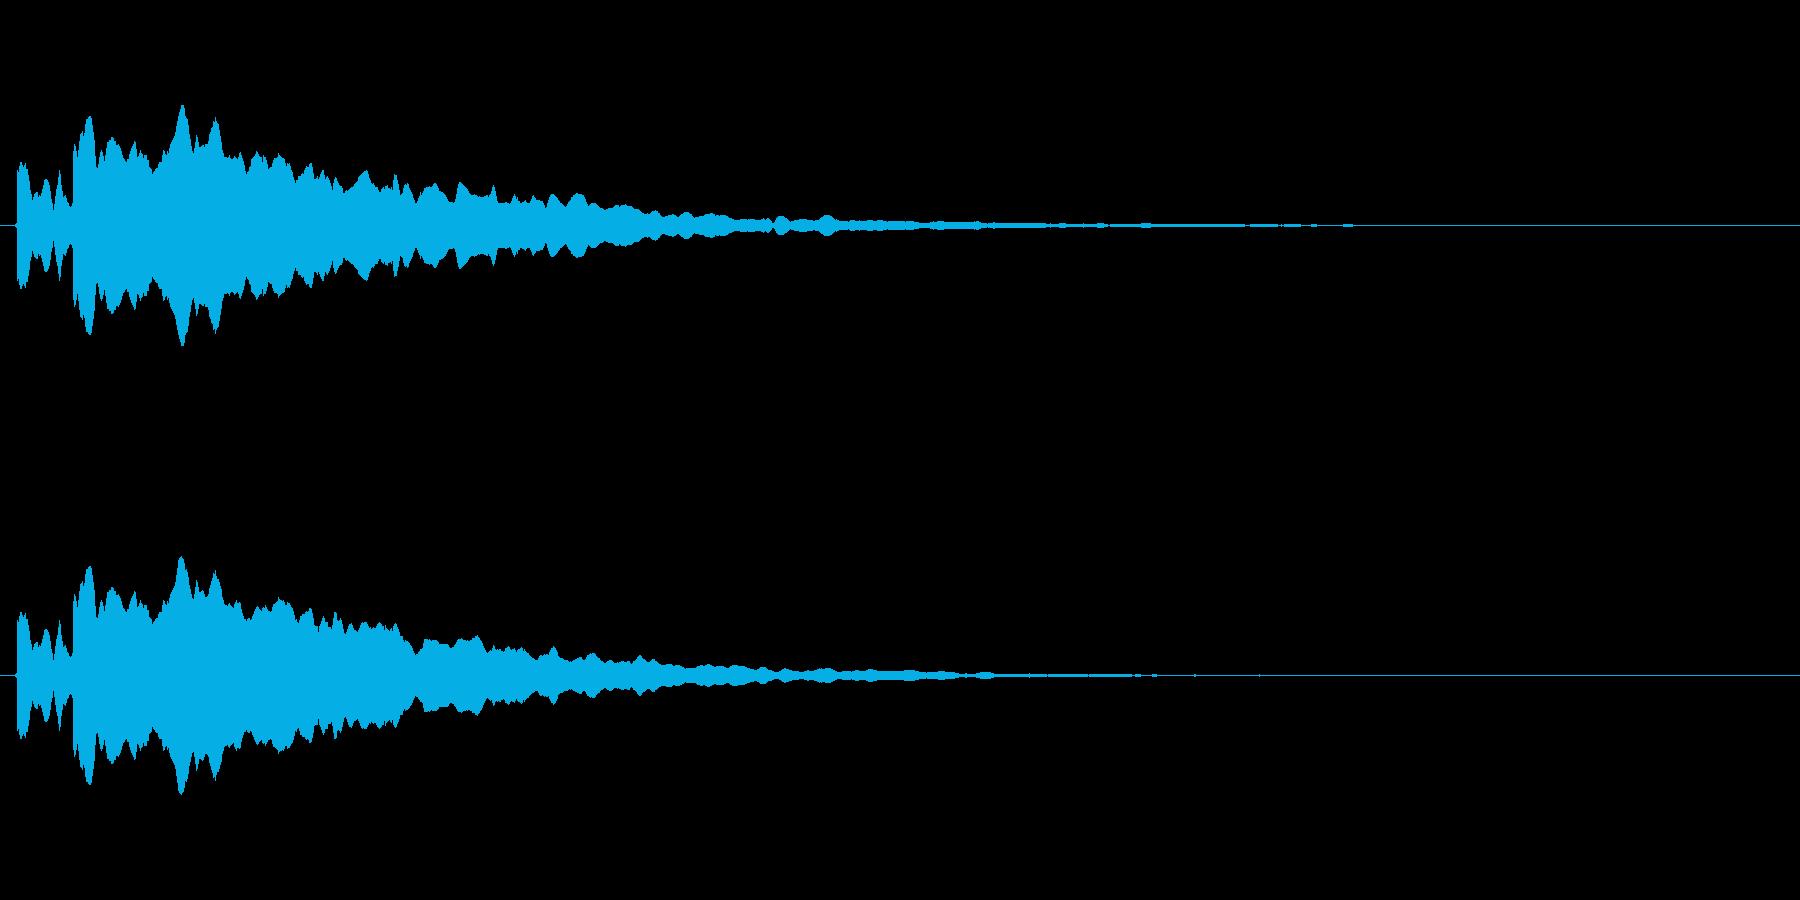 正解したときの音ですの再生済みの波形